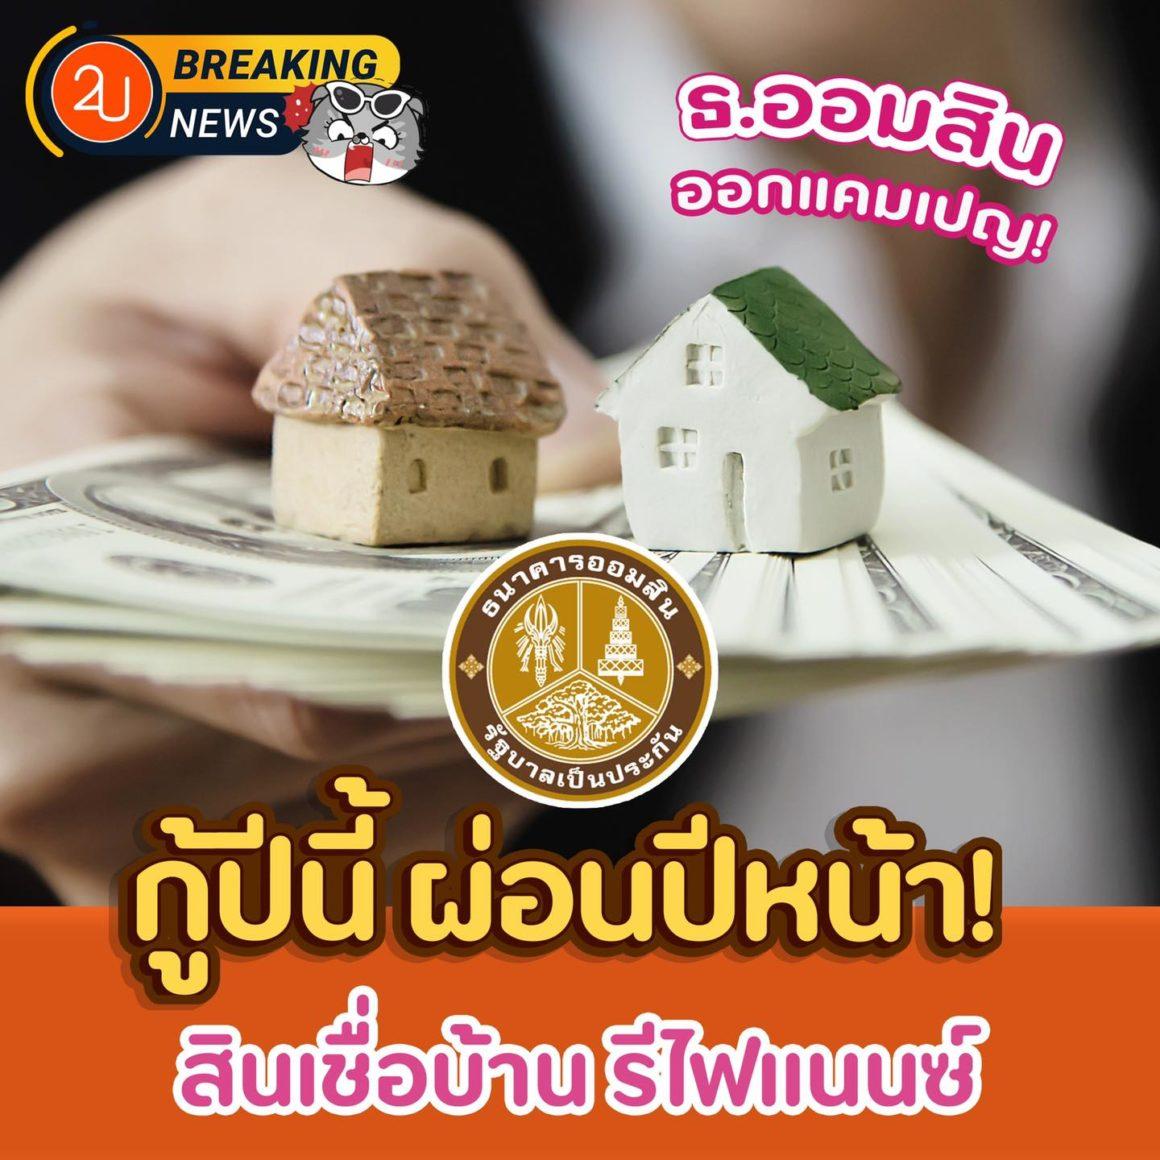 """ธนาคารออมสินออกสินเชื่อช่วยไทย """"กู้ปีนี้ ผ่อนปีหน้า"""" ปลอดเงินต้นและดอกเบี้ย 0% นาน 9 เดือน"""